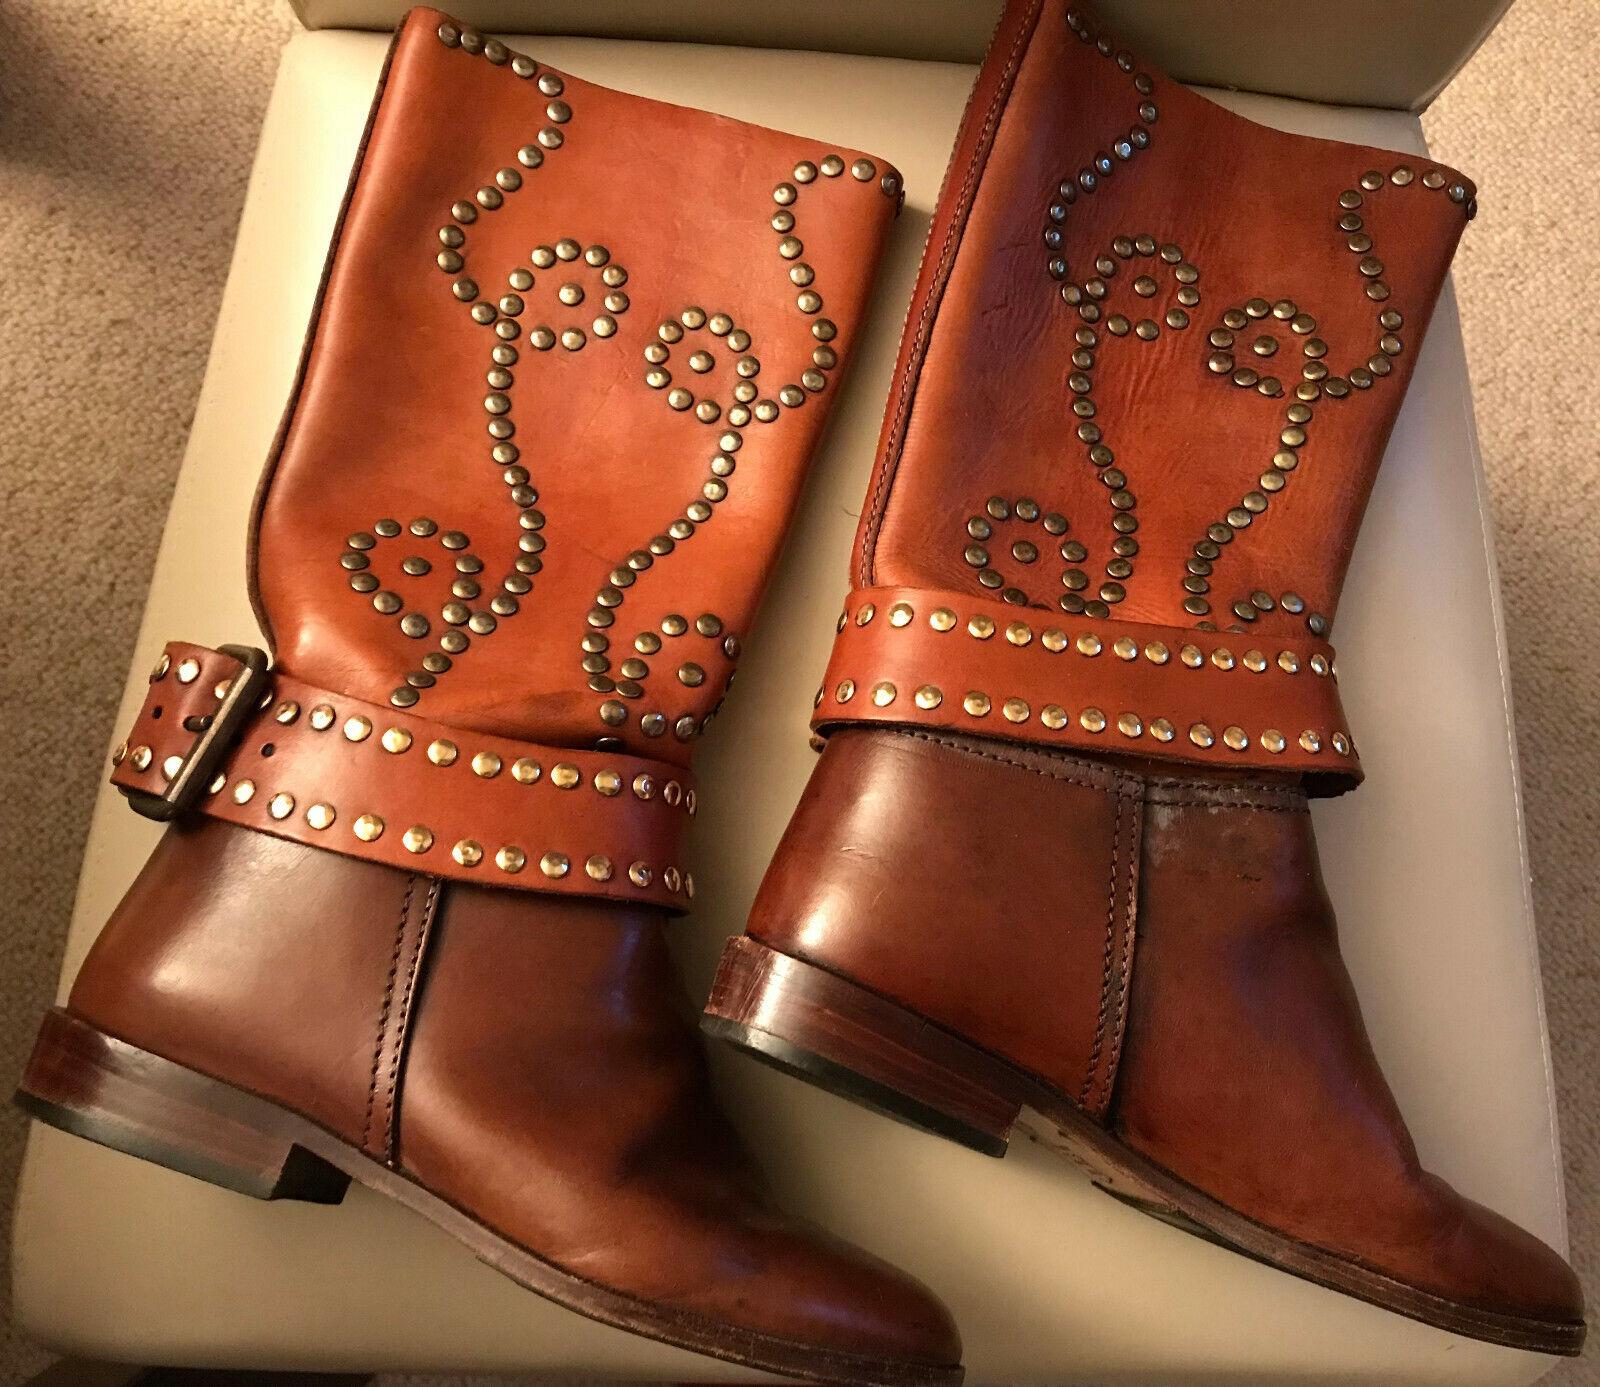 Original Bottes Western Cowboy Bottes T 36 Marron Rivets Boucle CA hauteur 34 cm